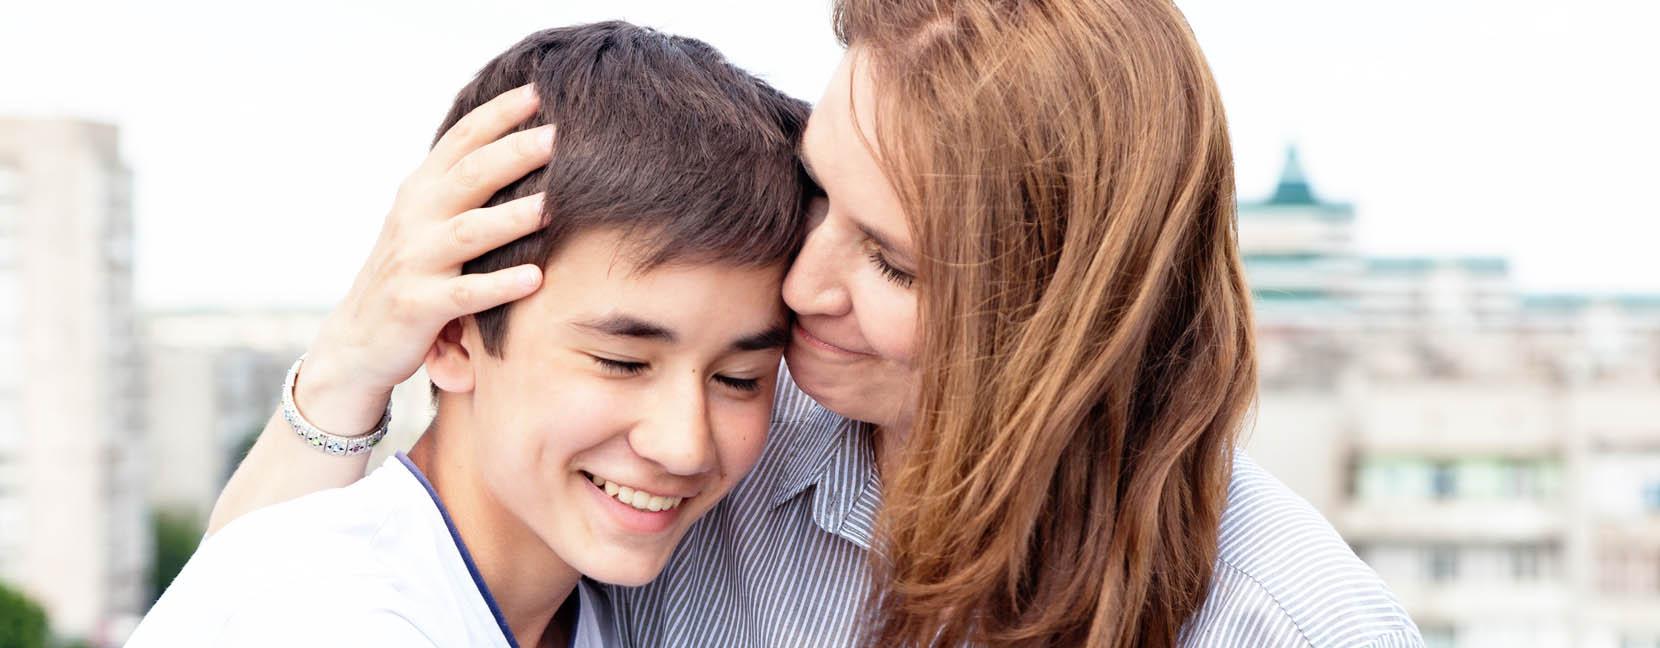 Mamma abbraccia il figlio, lo sostiene con empatia e comprensione